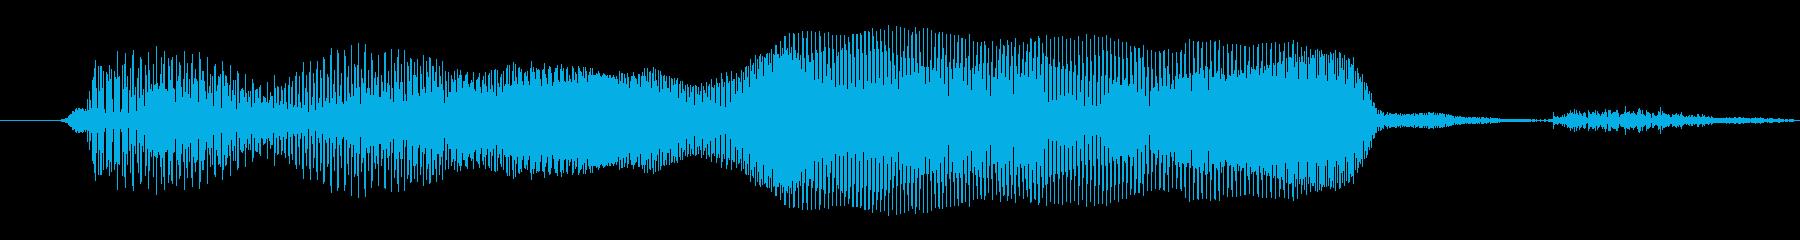 リトル・レッド・モンスター:オーライの再生済みの波形